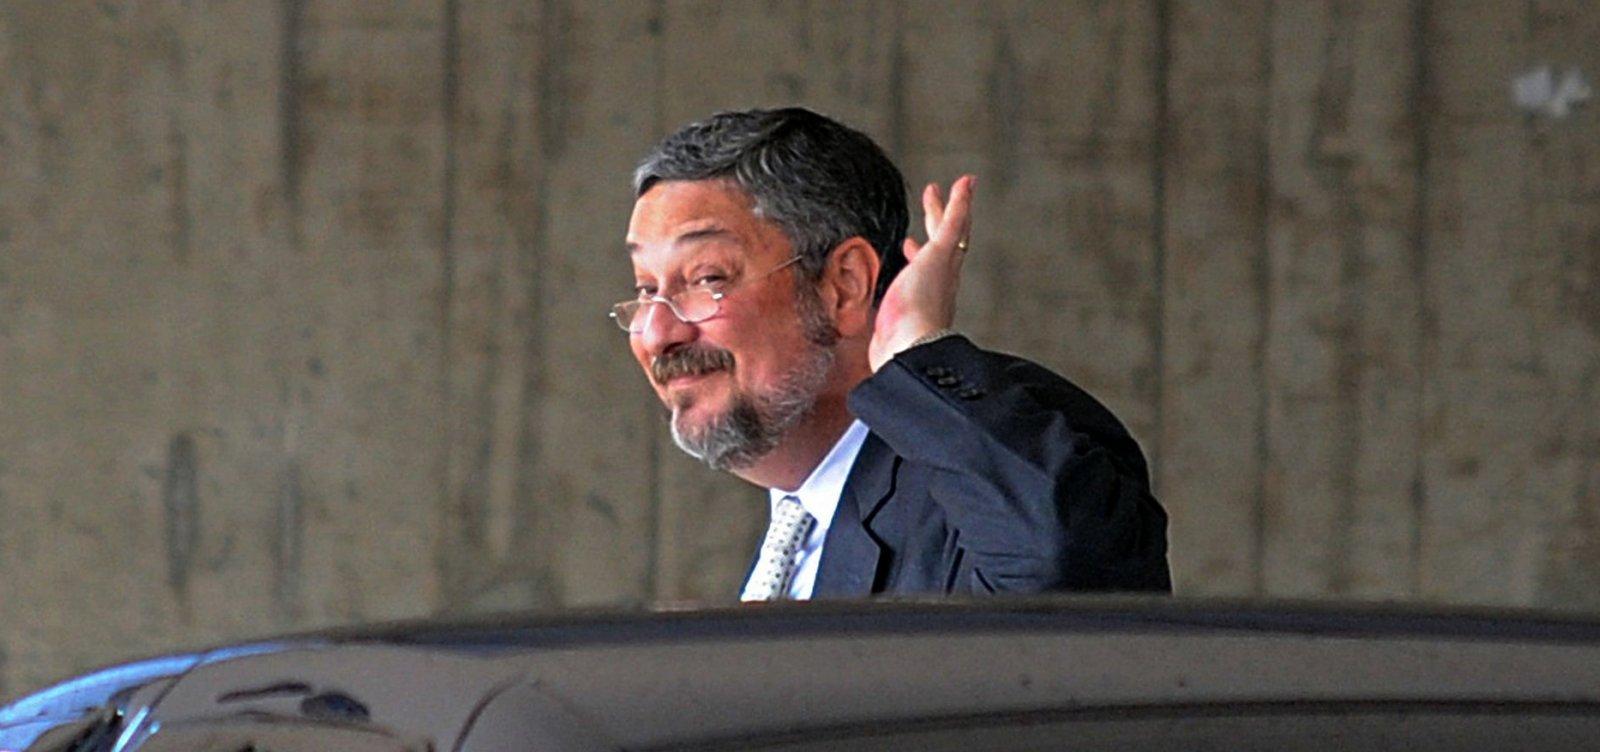 Palocci acusa Lula de combinar falso testemunho sobre reuniões com delator